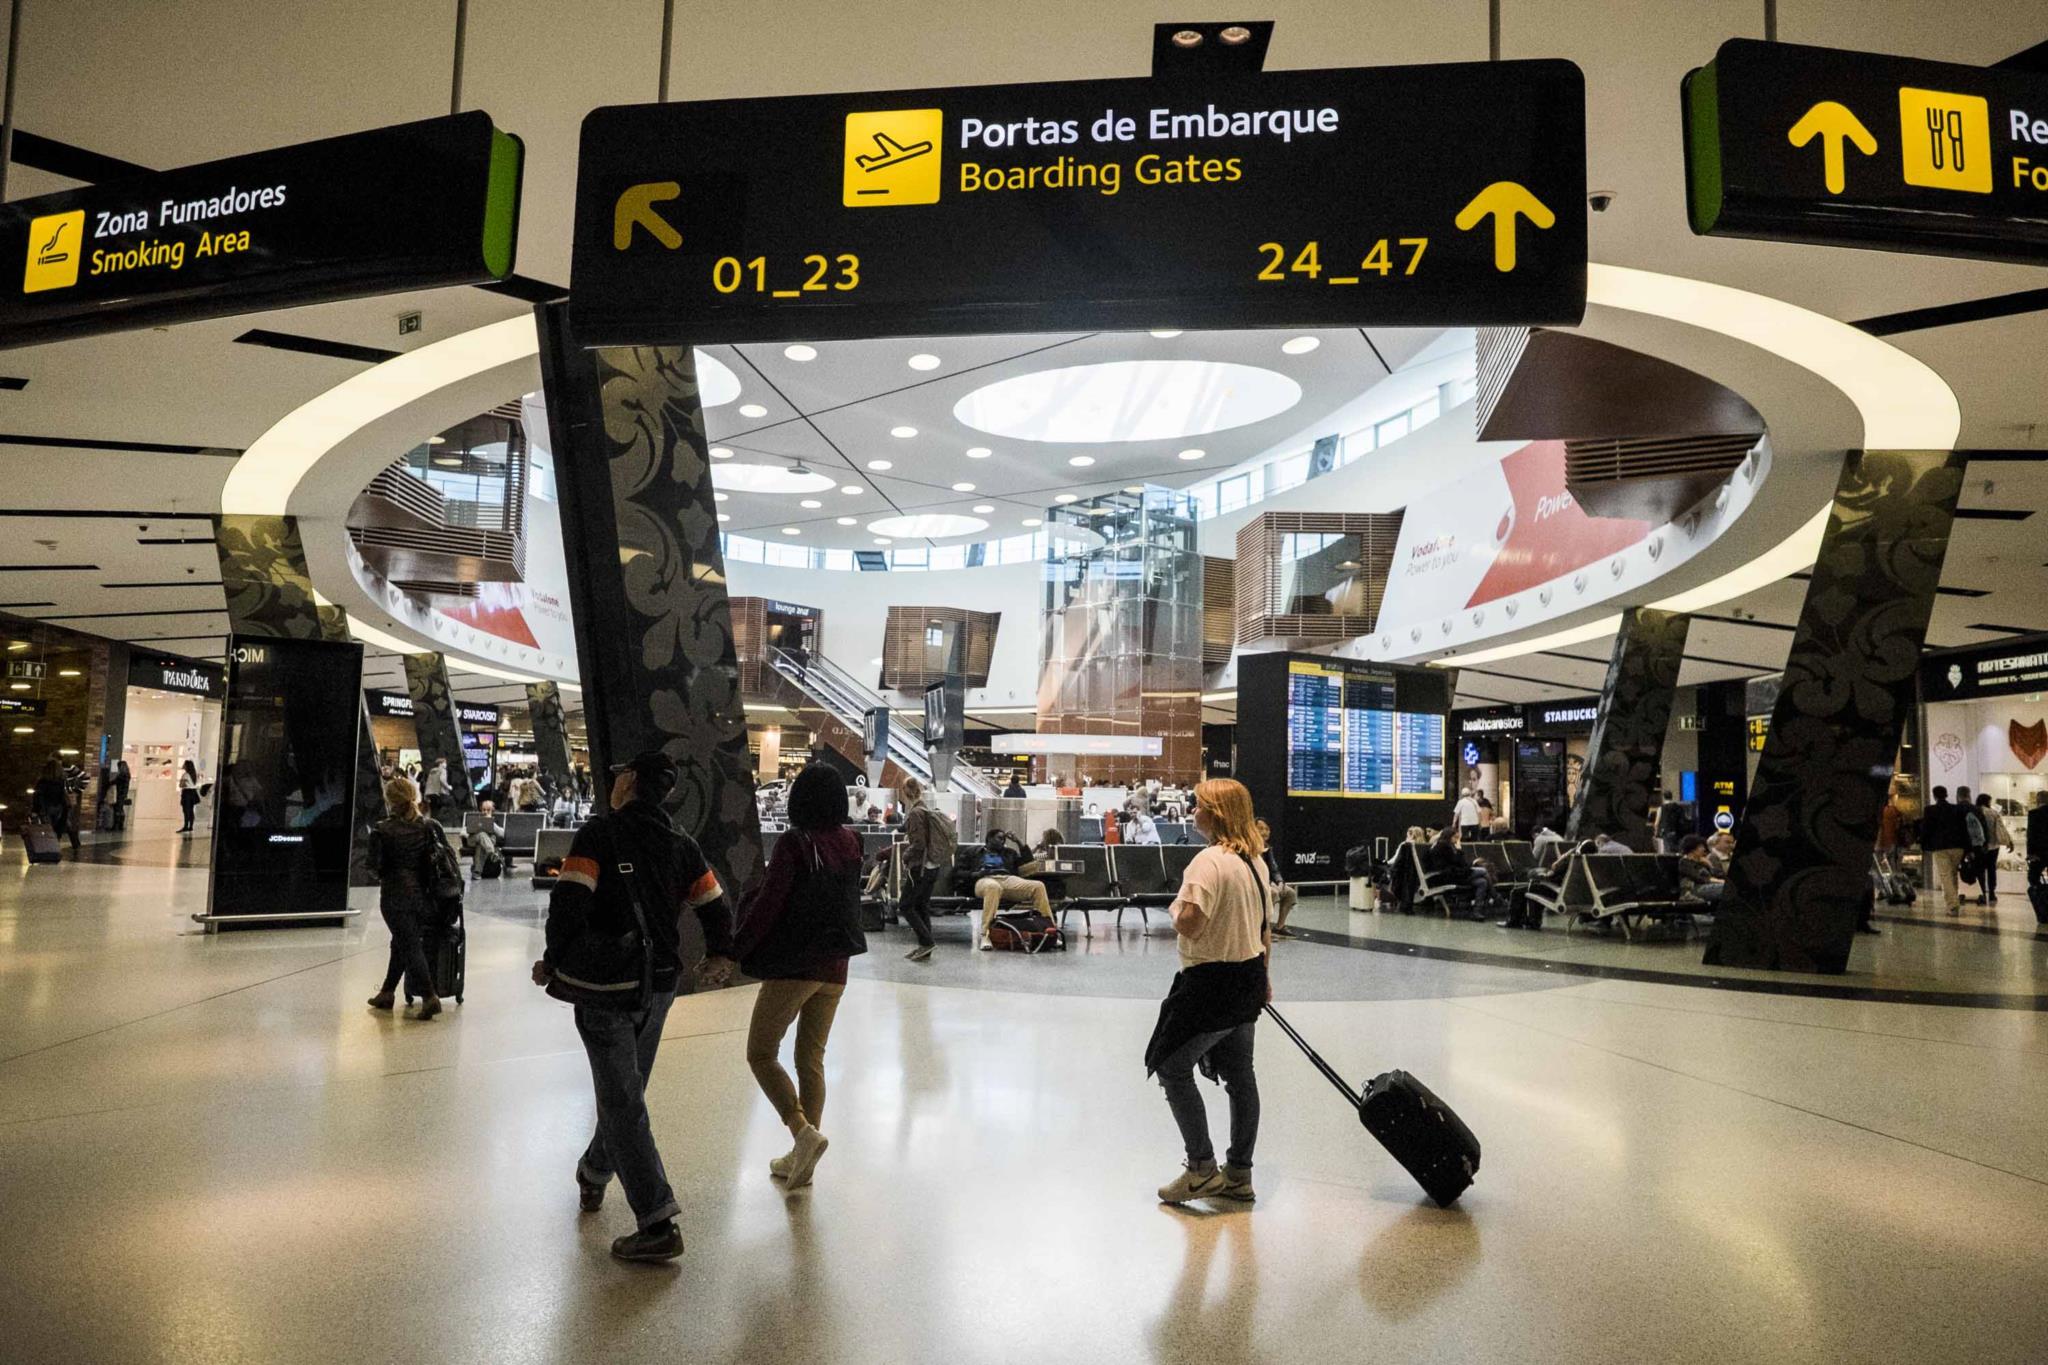 Com a estratégia de ponte área entre Porto e Lisboa, retirando voos internacionais da cidade nortenha em detrimento da capital, a TAP mudou também a ordem de importância das principais rotas.